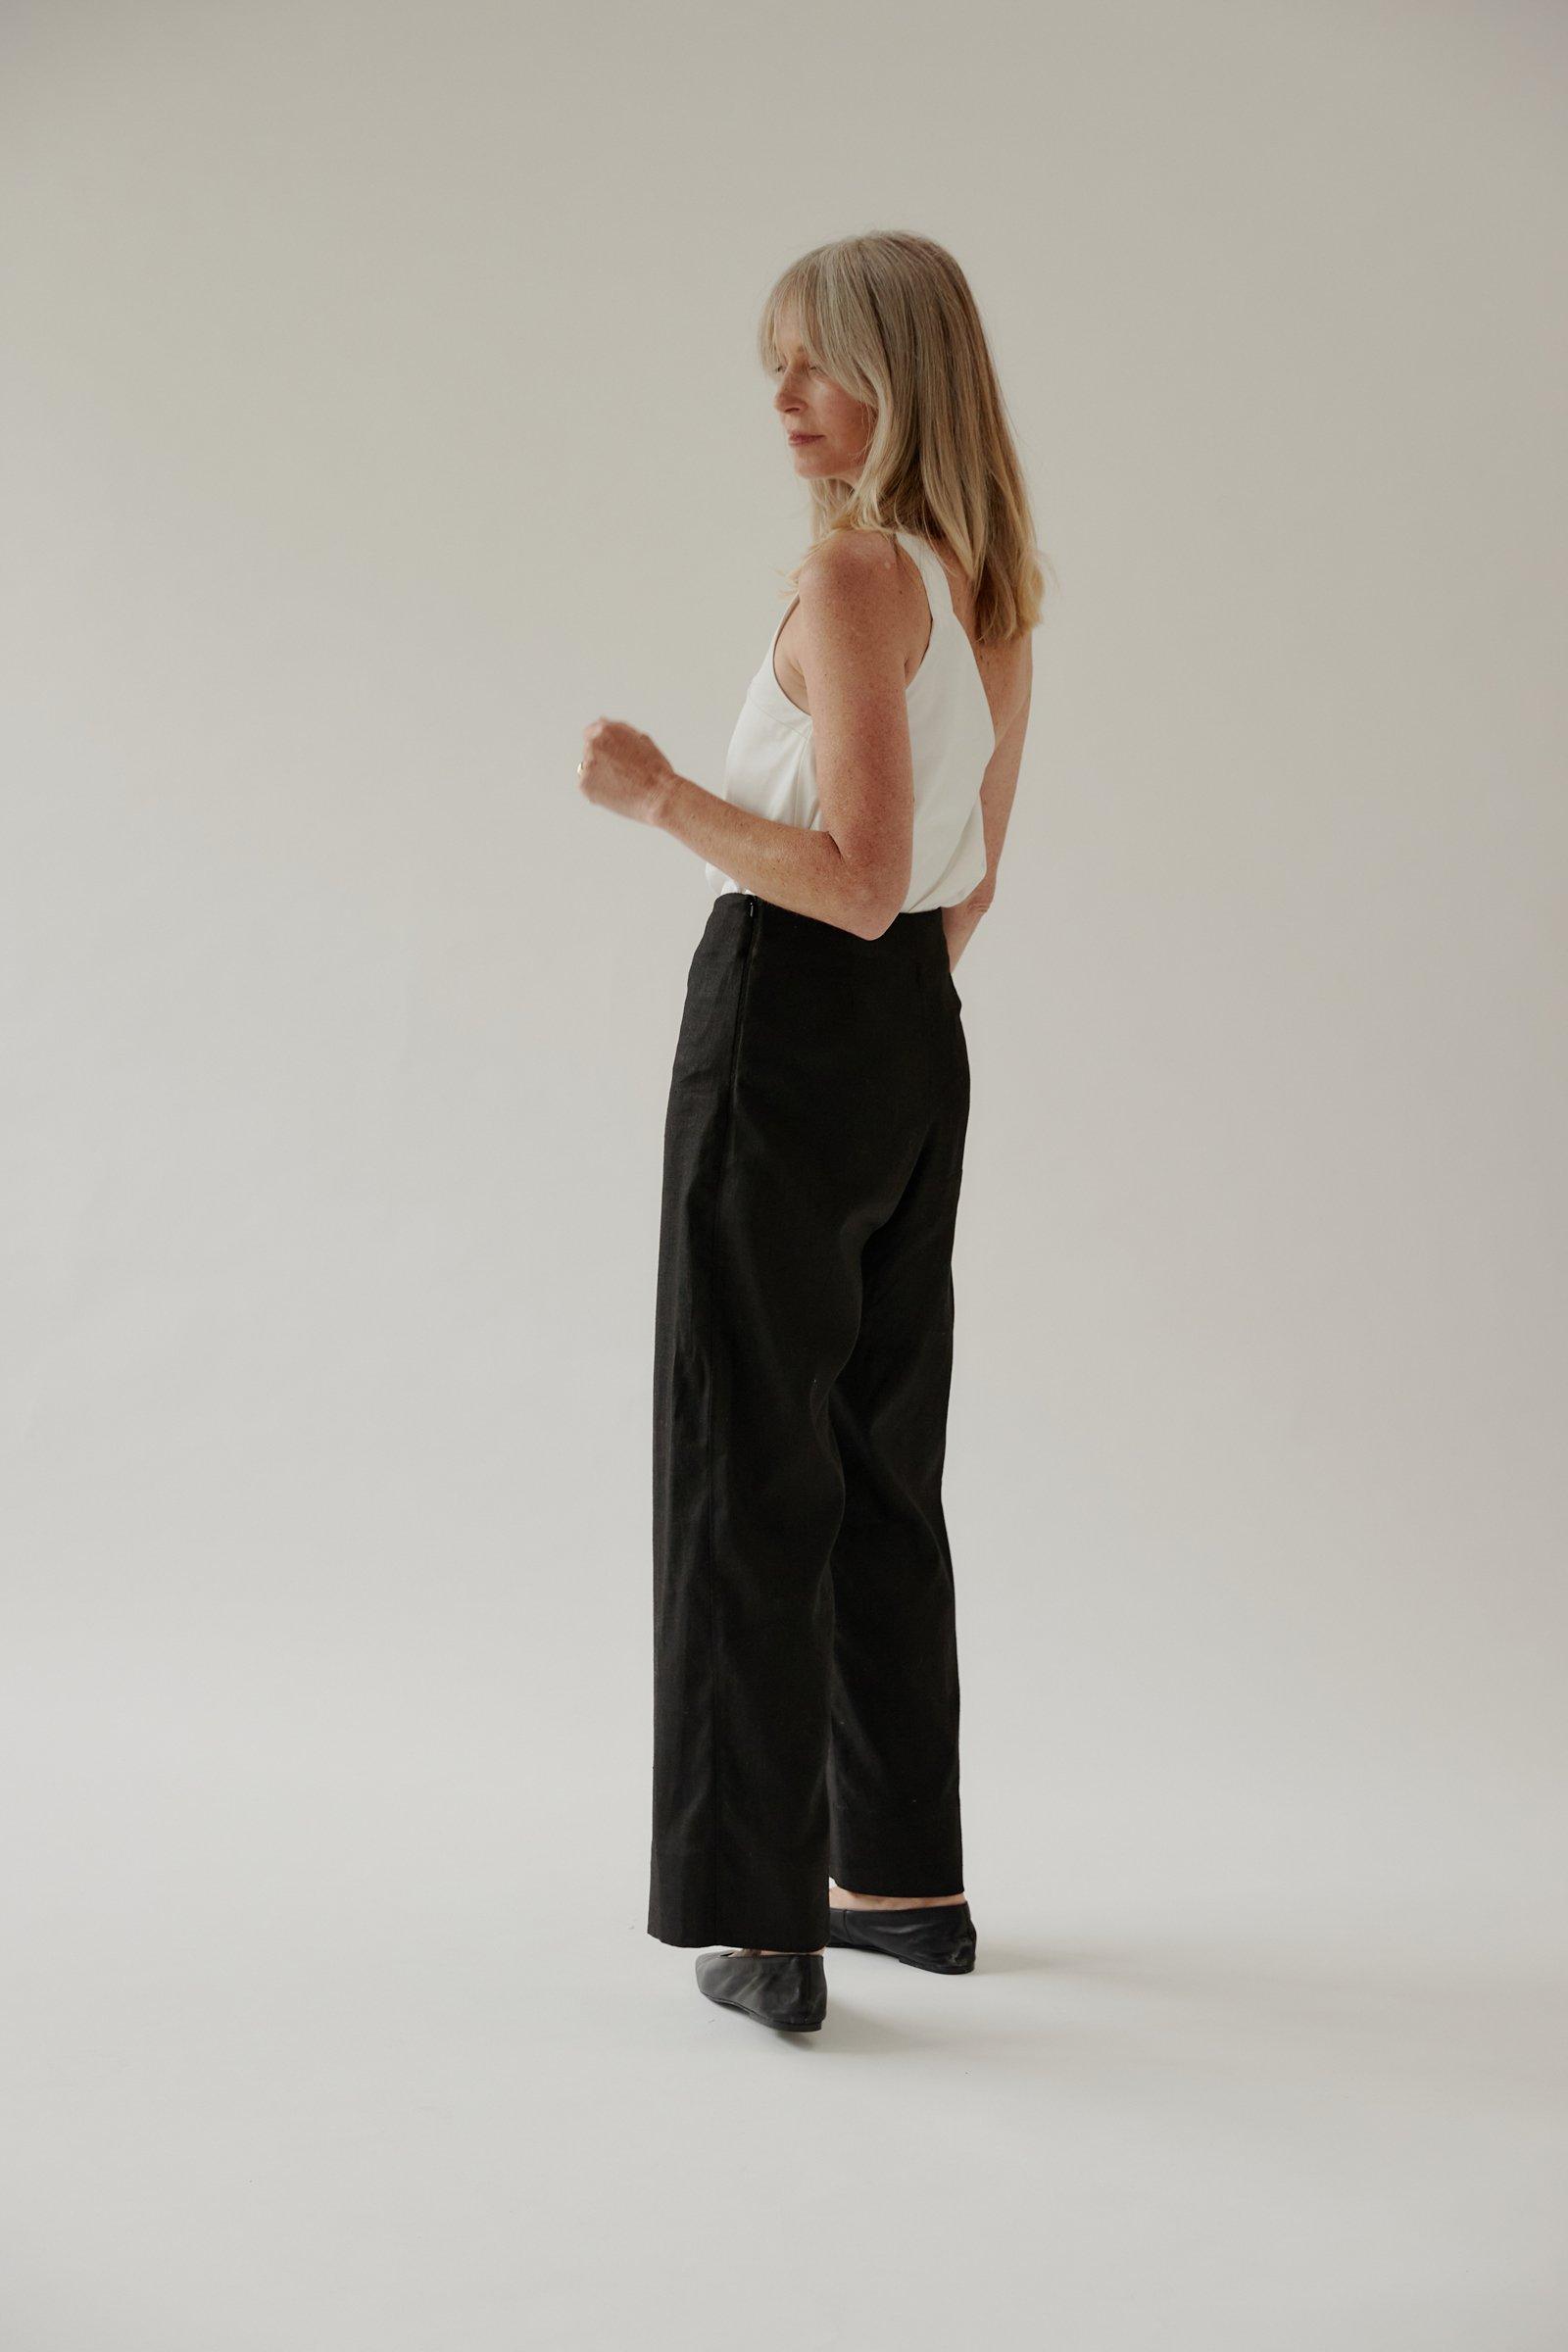 Pilot Client Digital Mina_model wears pants in Auckland studio.